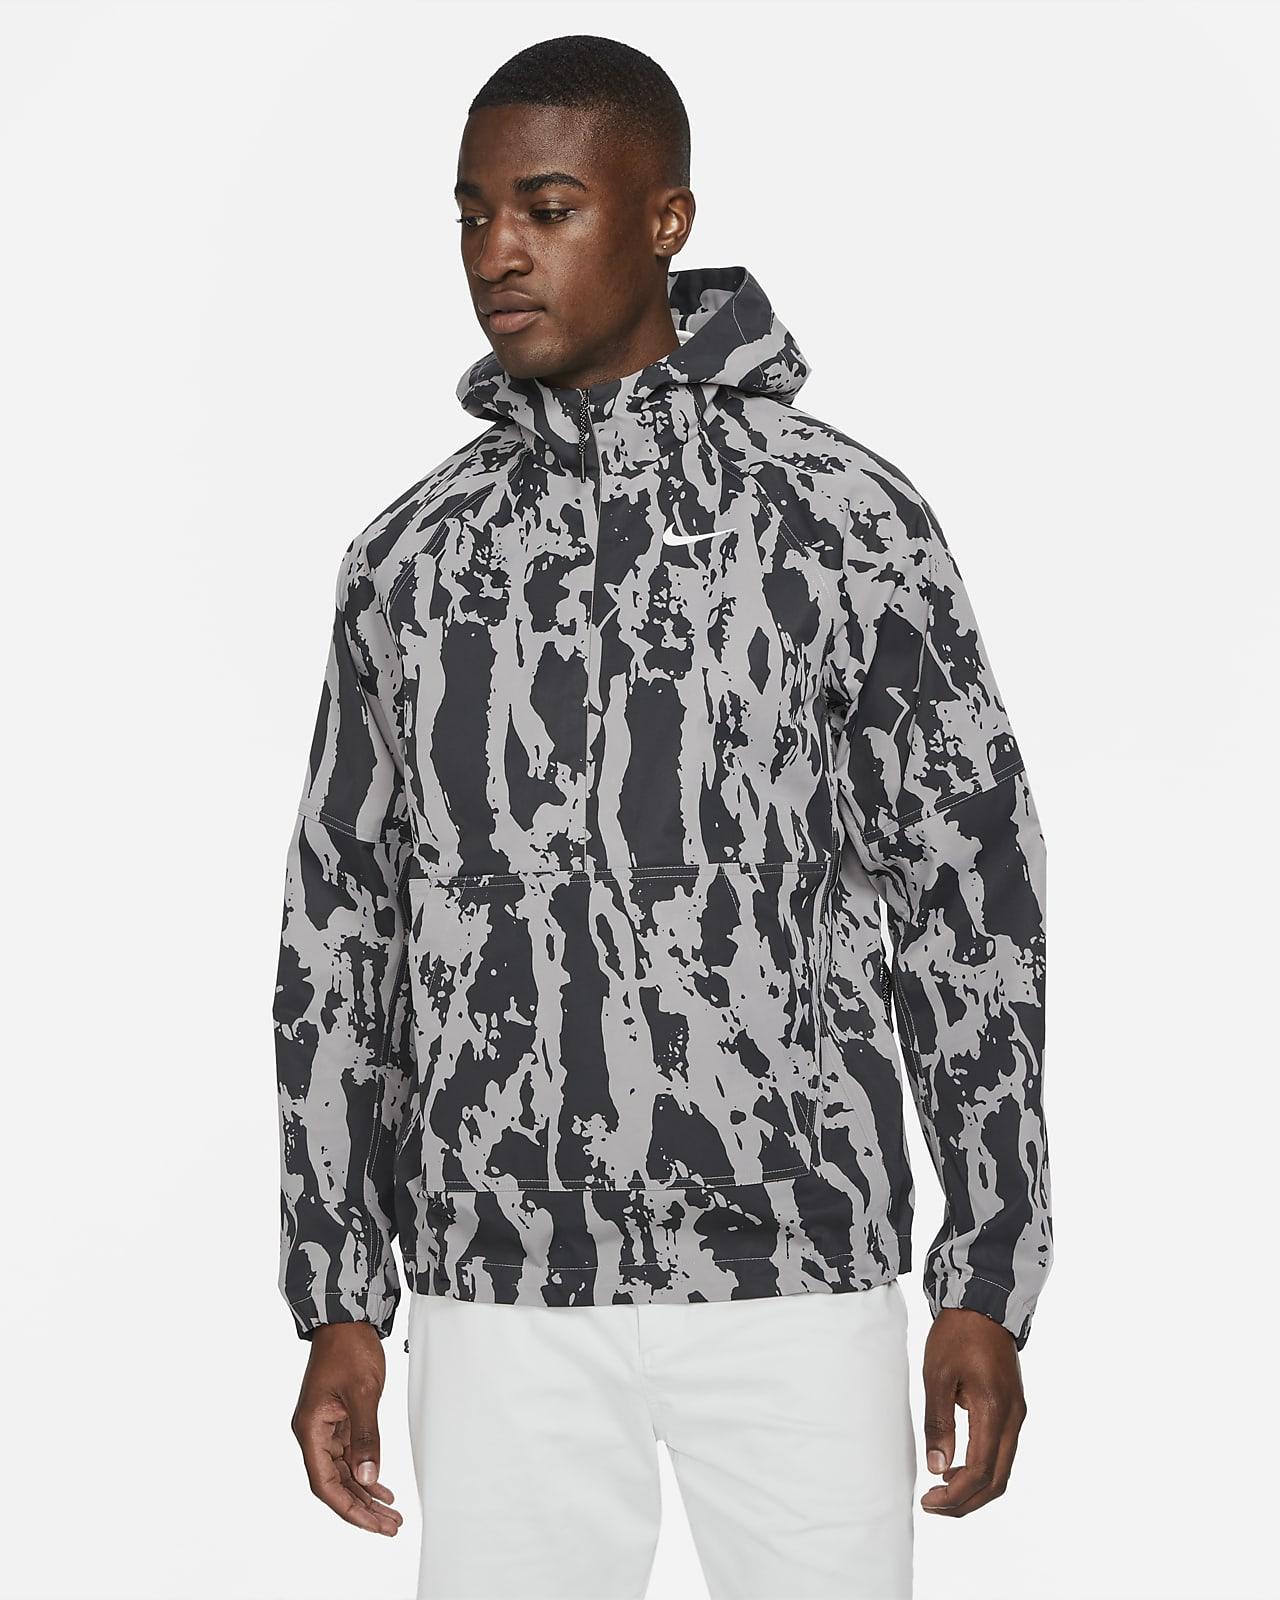 Anorak de golf camuflageado para hombre Nike Repel